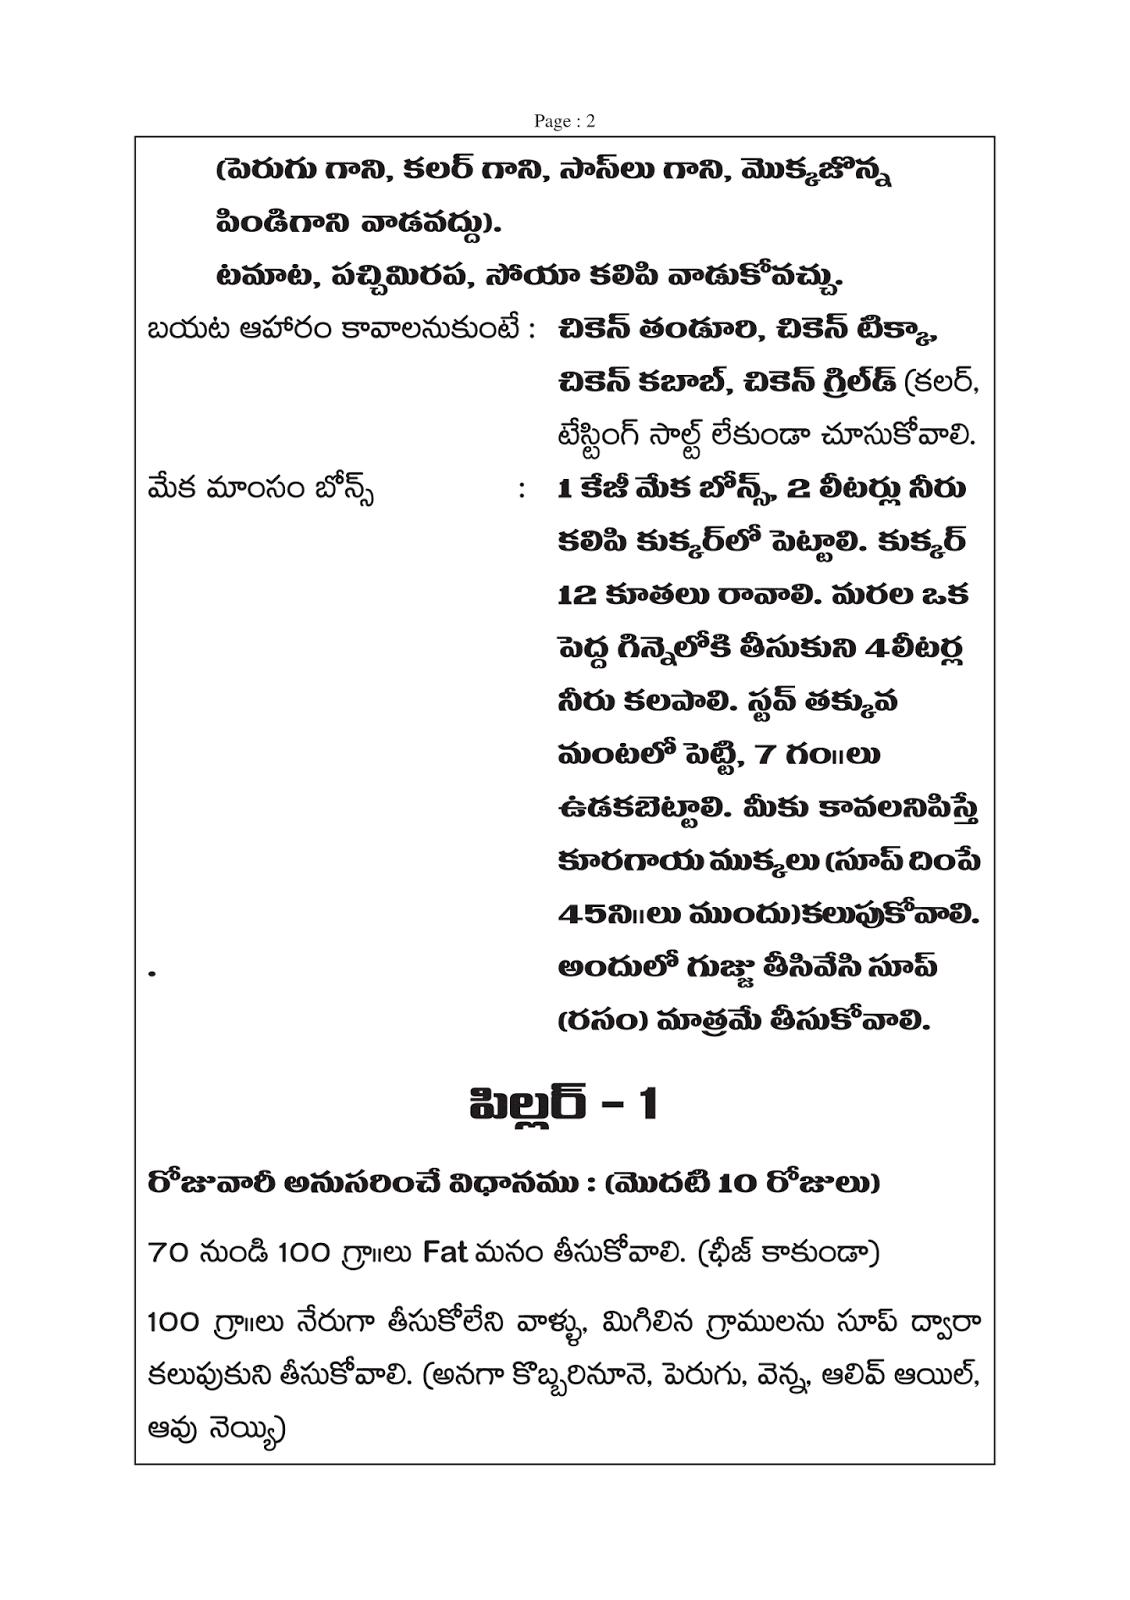 Veeramachaneni Ramakrishna Complete Diet Plan